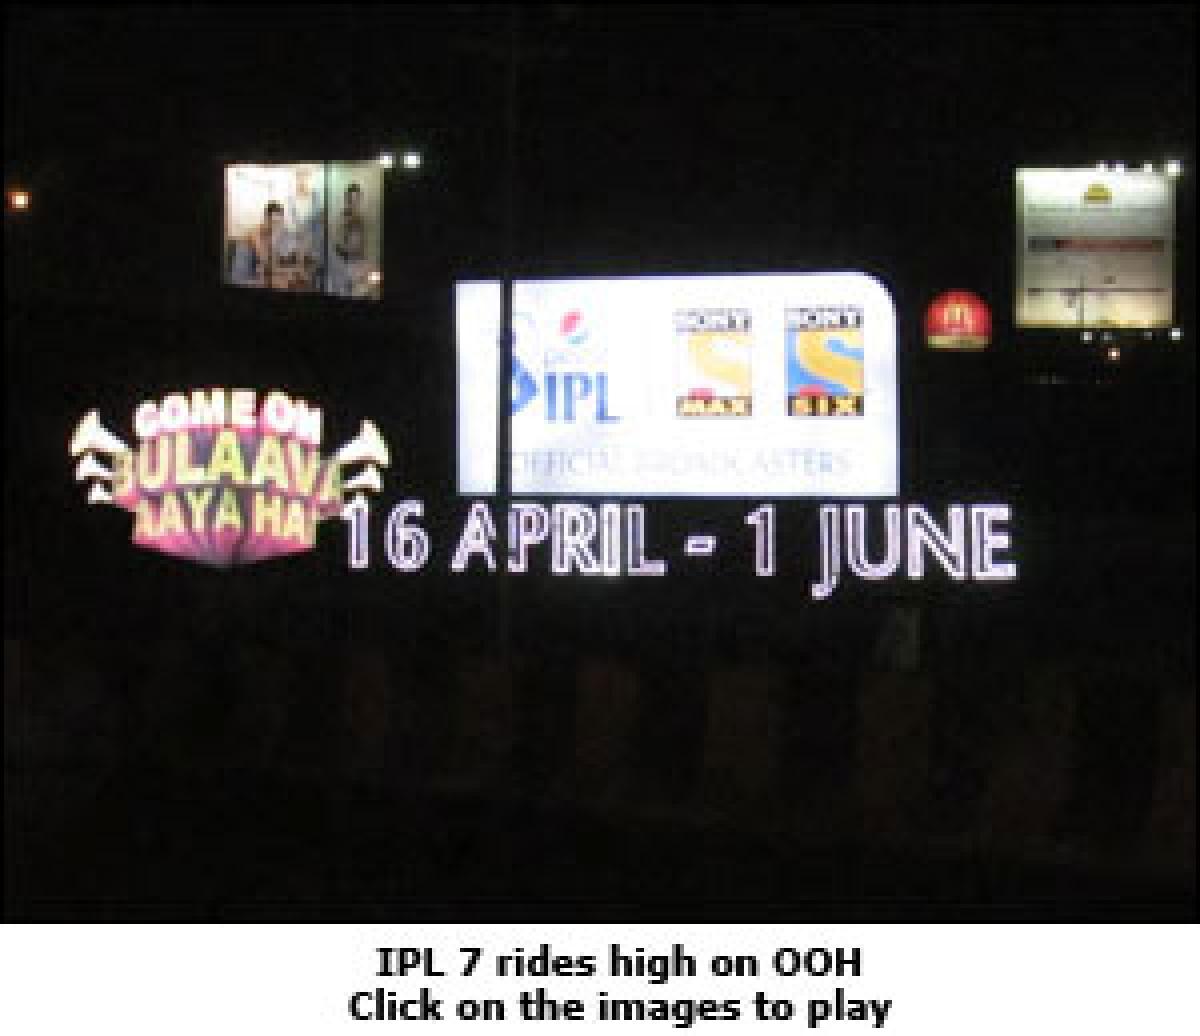 IPL 7 plays outdoor